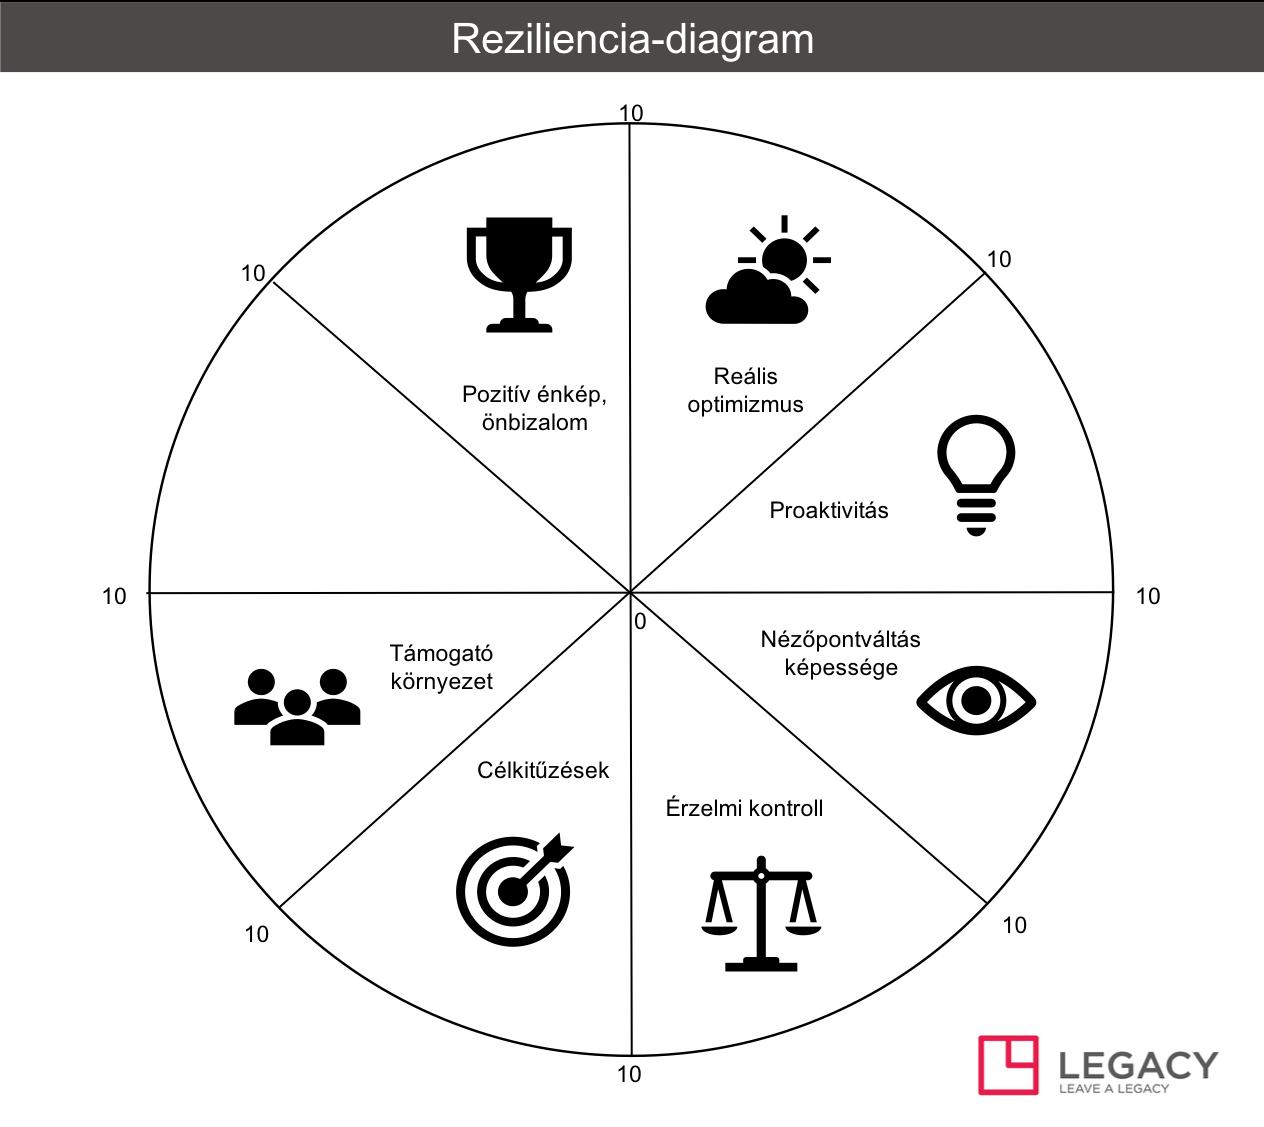 reziliencia_diagram_szu_rke.png